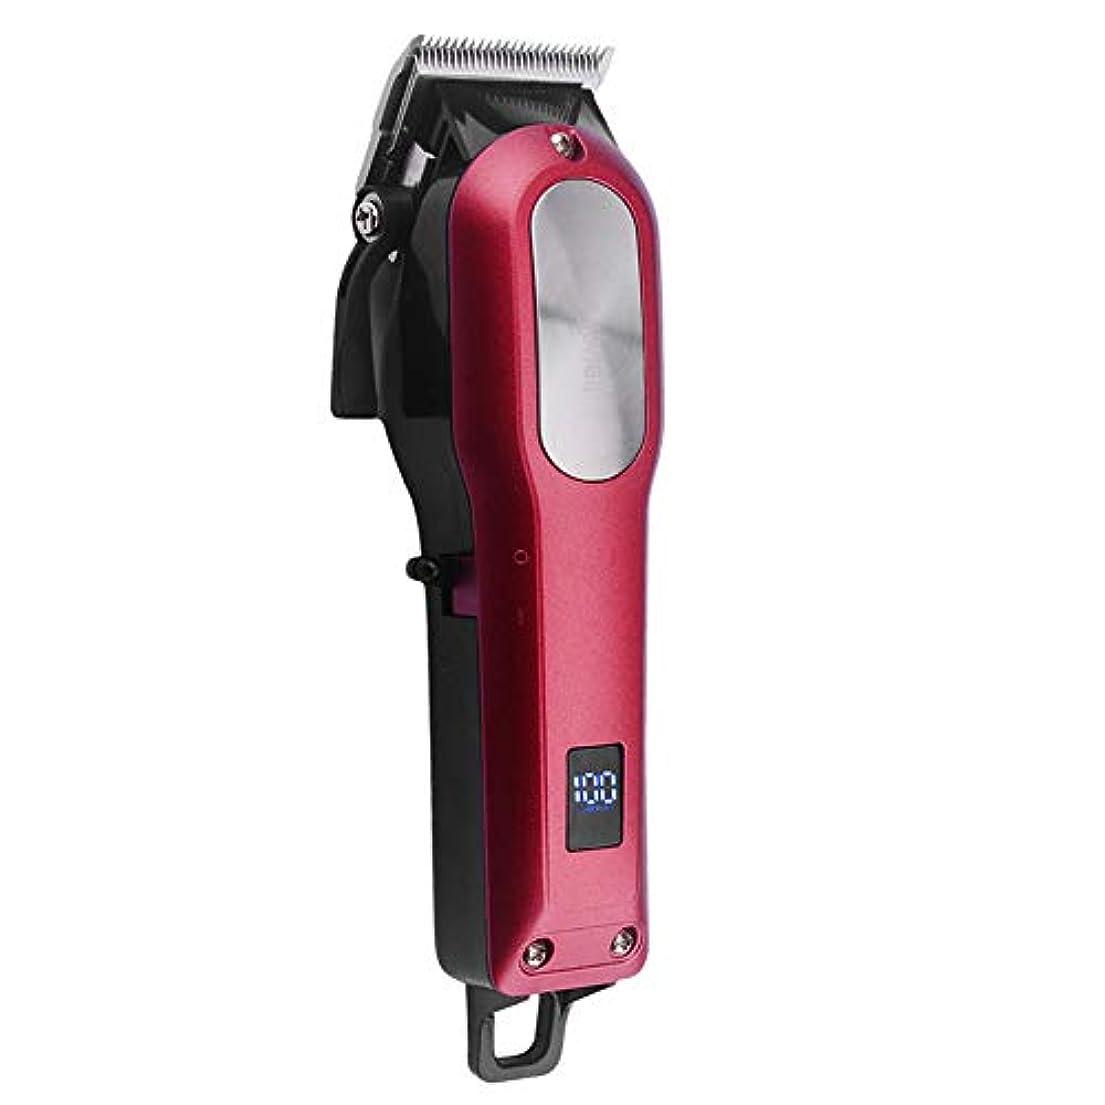 世紀科学山COSYONALL 電動バリカン 充電式ヘアカッター レバー式バリカン プロ 0.8-2mm刈り高さ調整可能 LEDディスプレイ 4時間連続使用 ヒゲトリマー ヘアクリッパー コードレス 低騒音 切れ味抜群 散髪 セット